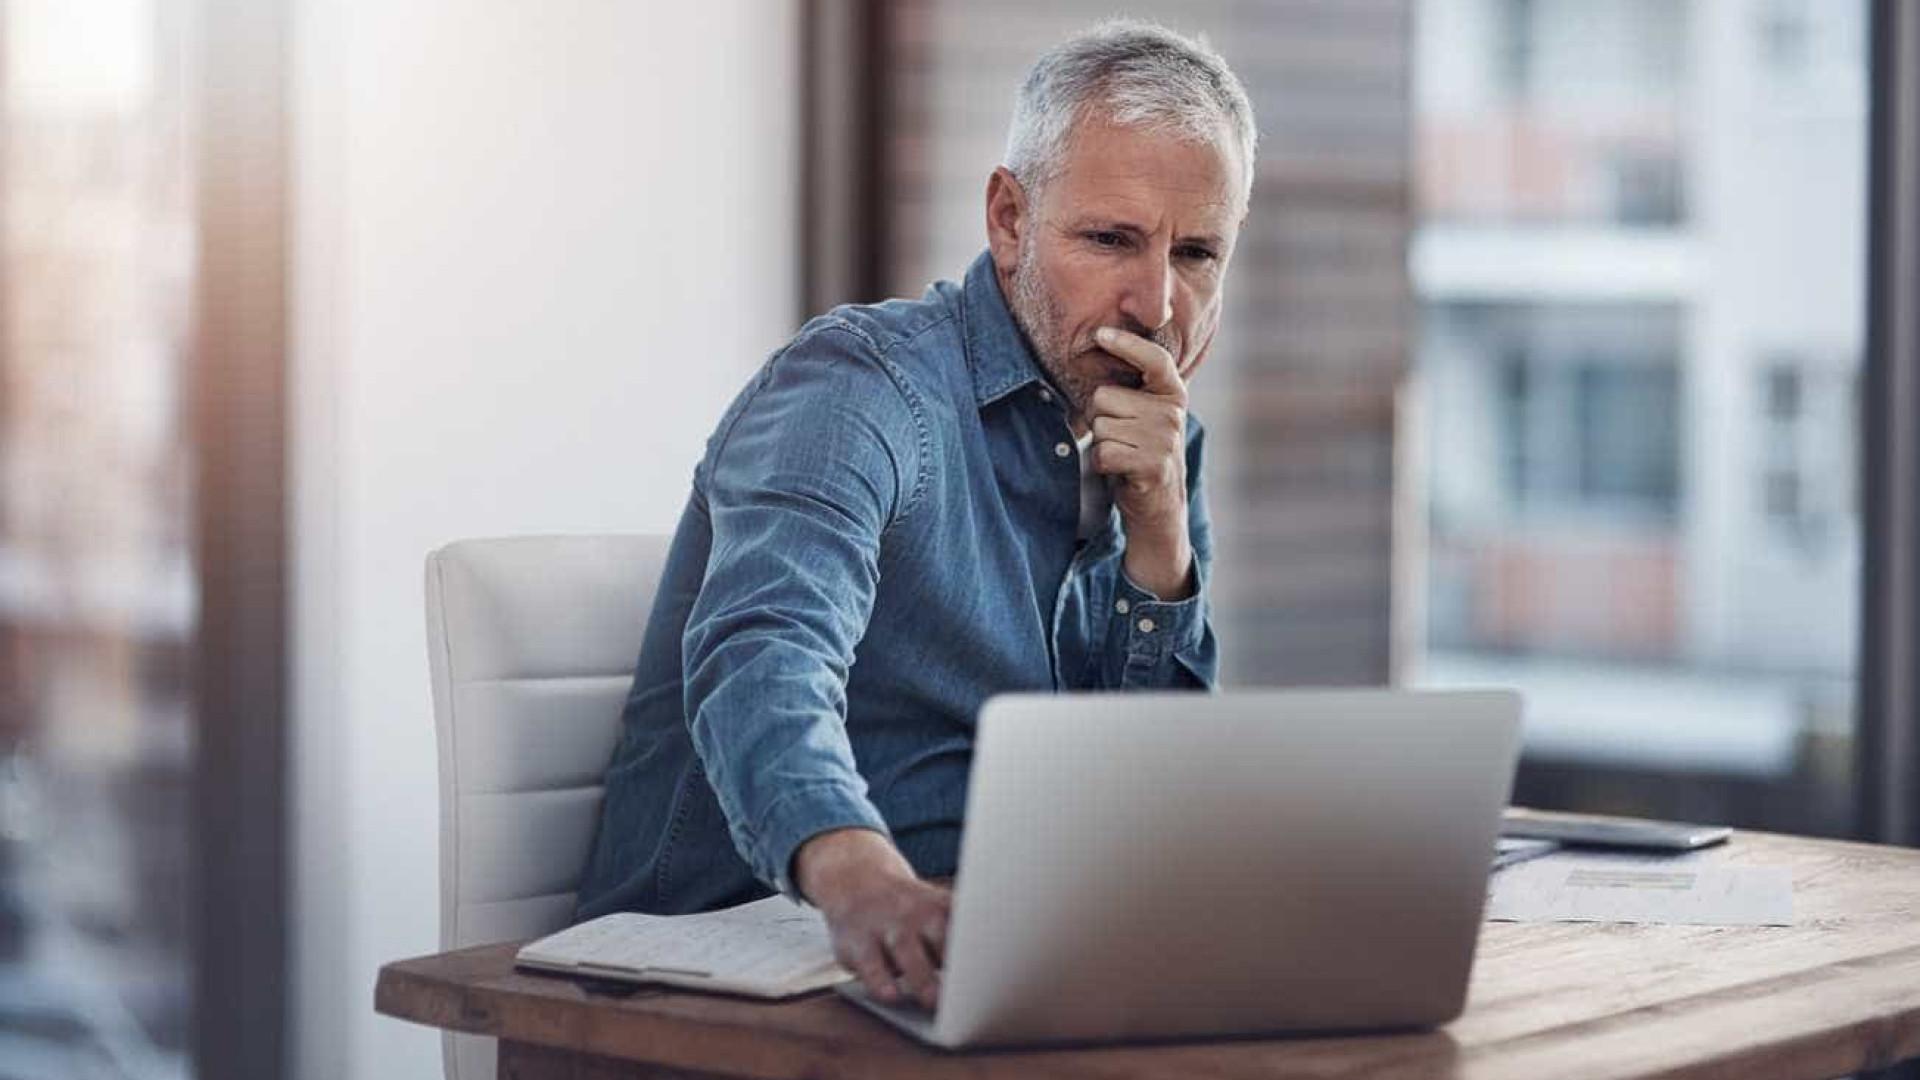 Prestes a comprar um novo PC? Evite estes 10 erros